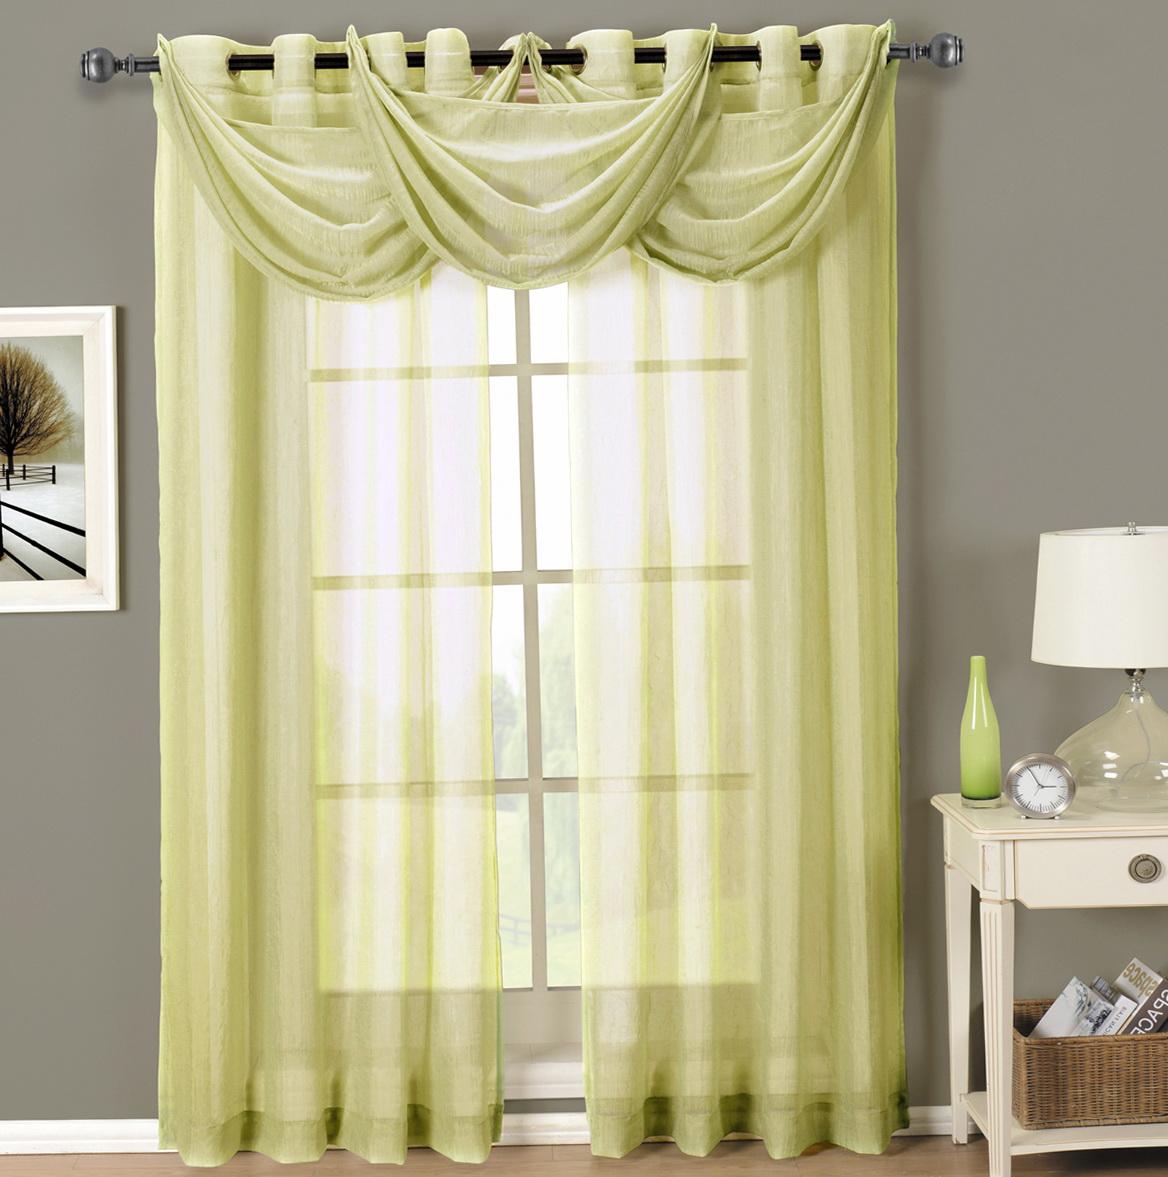 Grommet Sheer Curtains 96